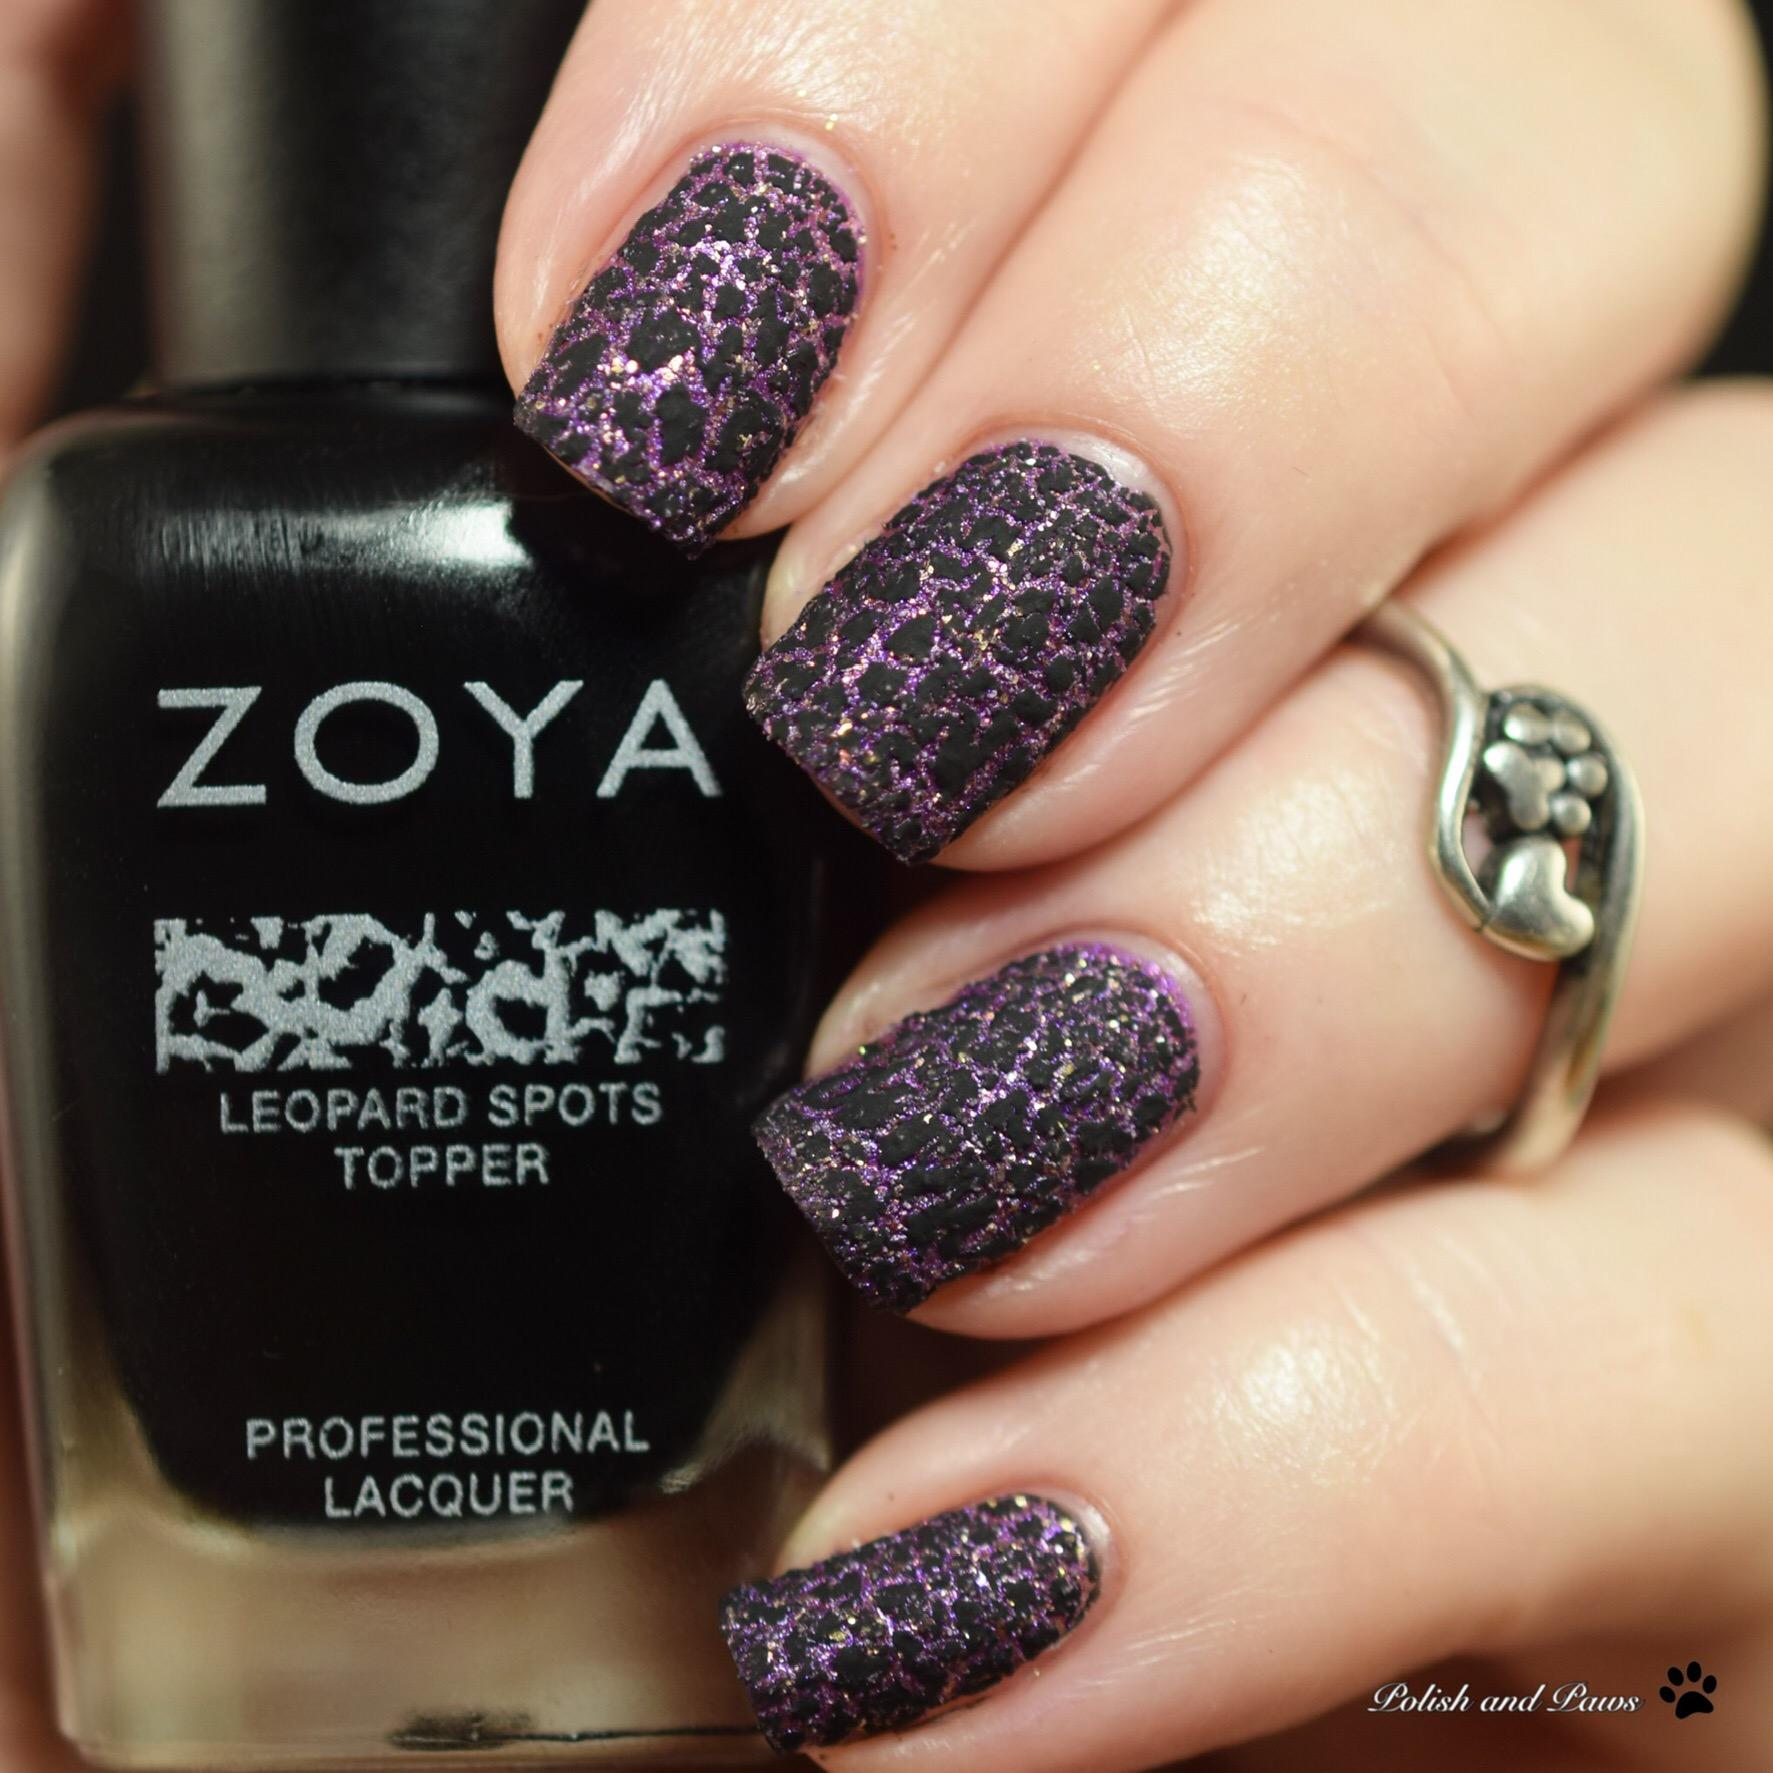 Zoya Leopard Spots